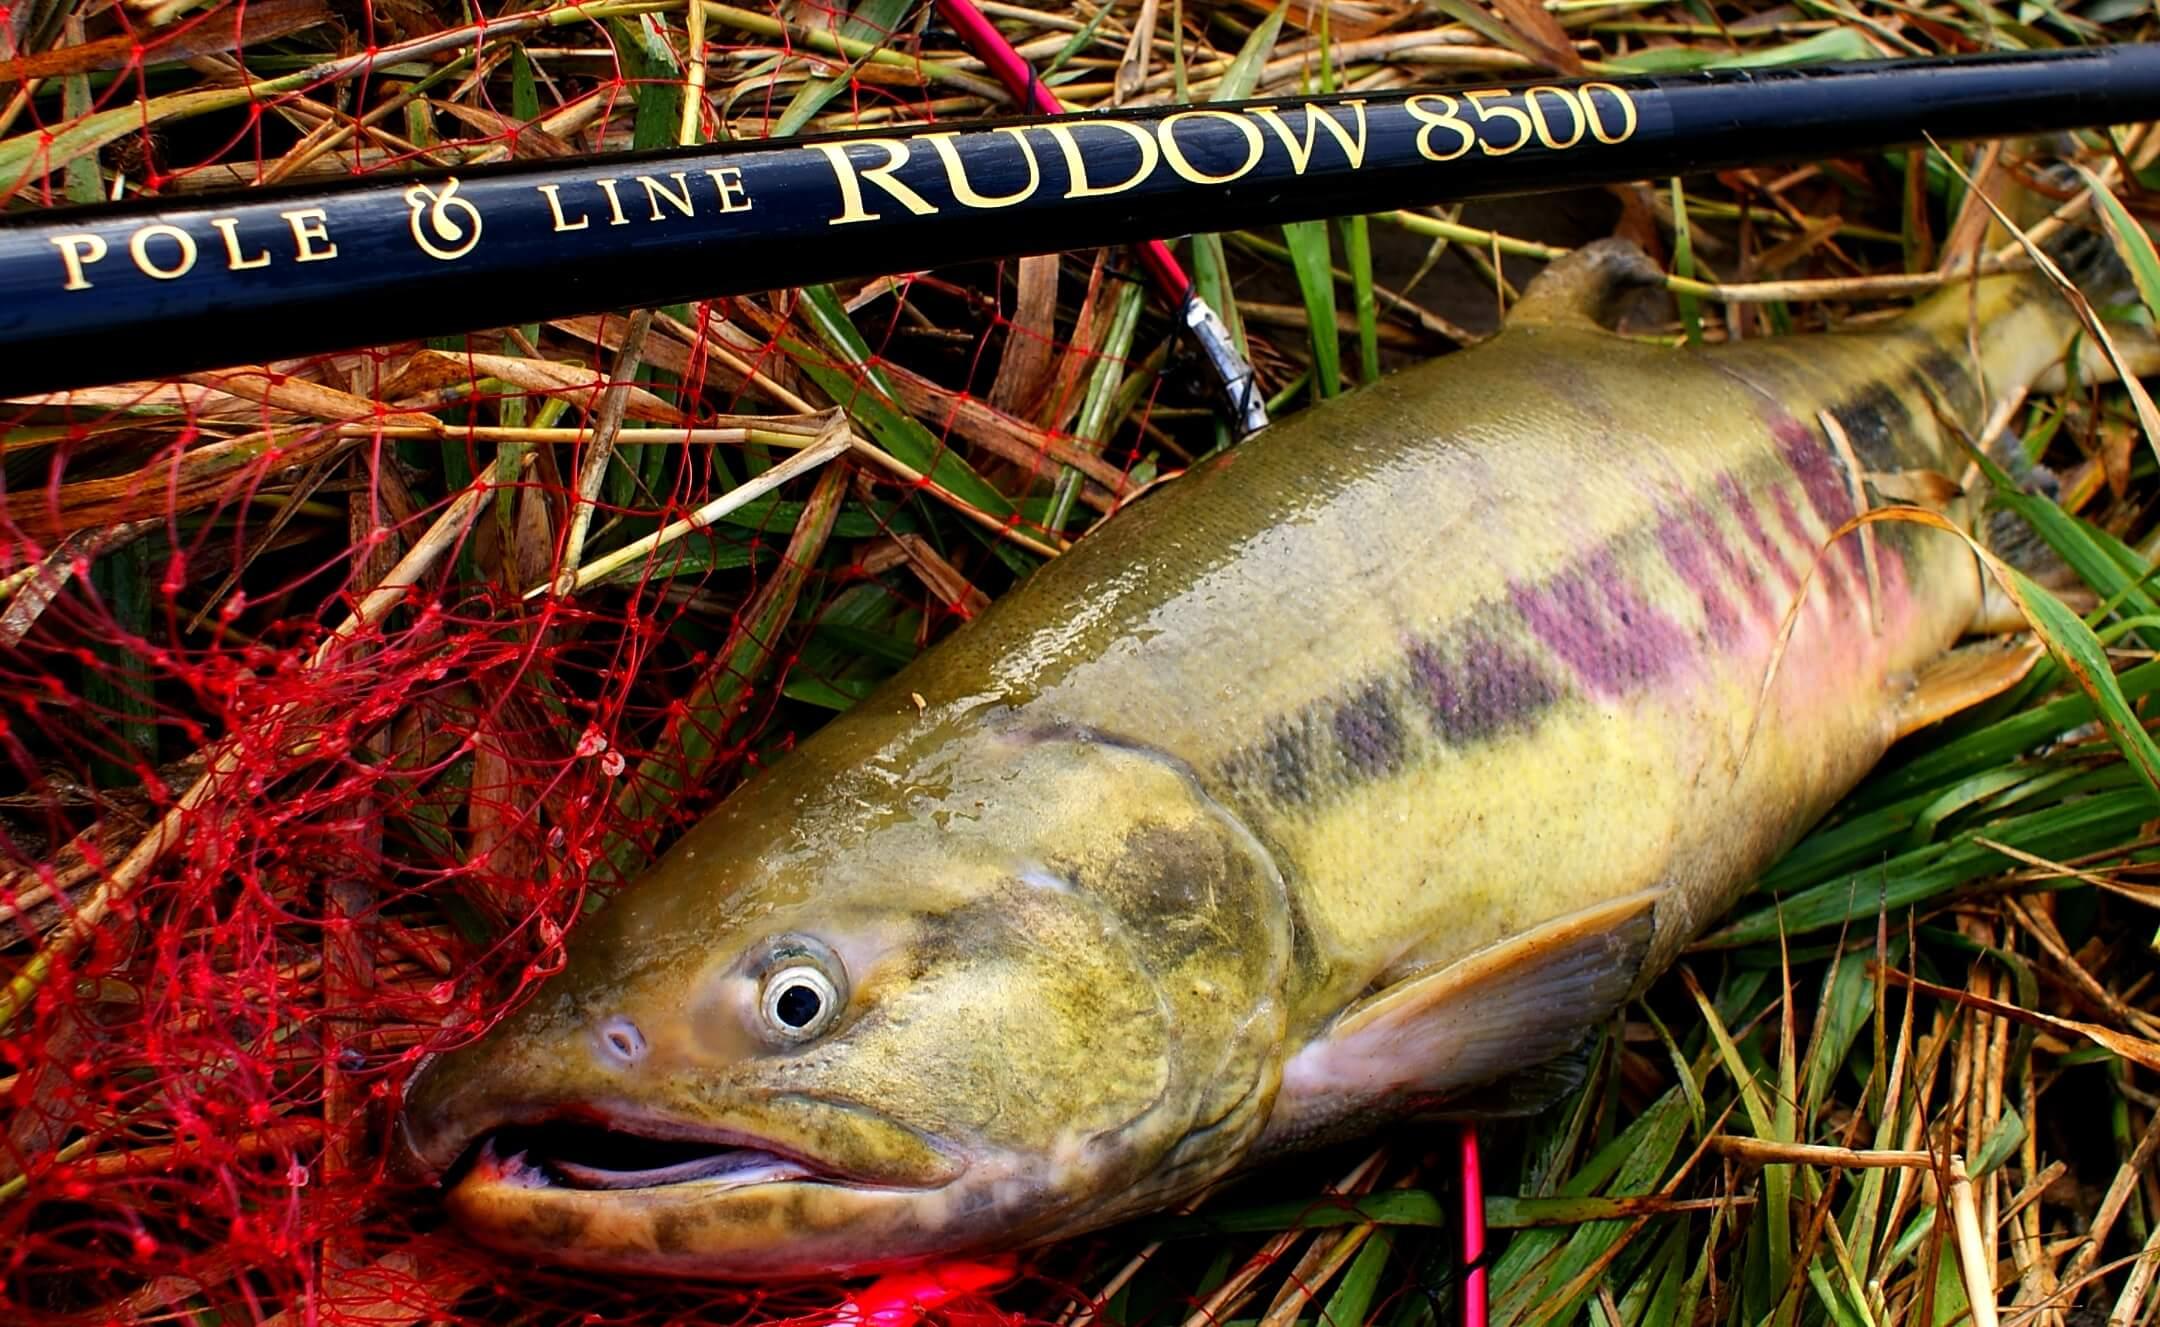 鮭の延べ竿での釣り